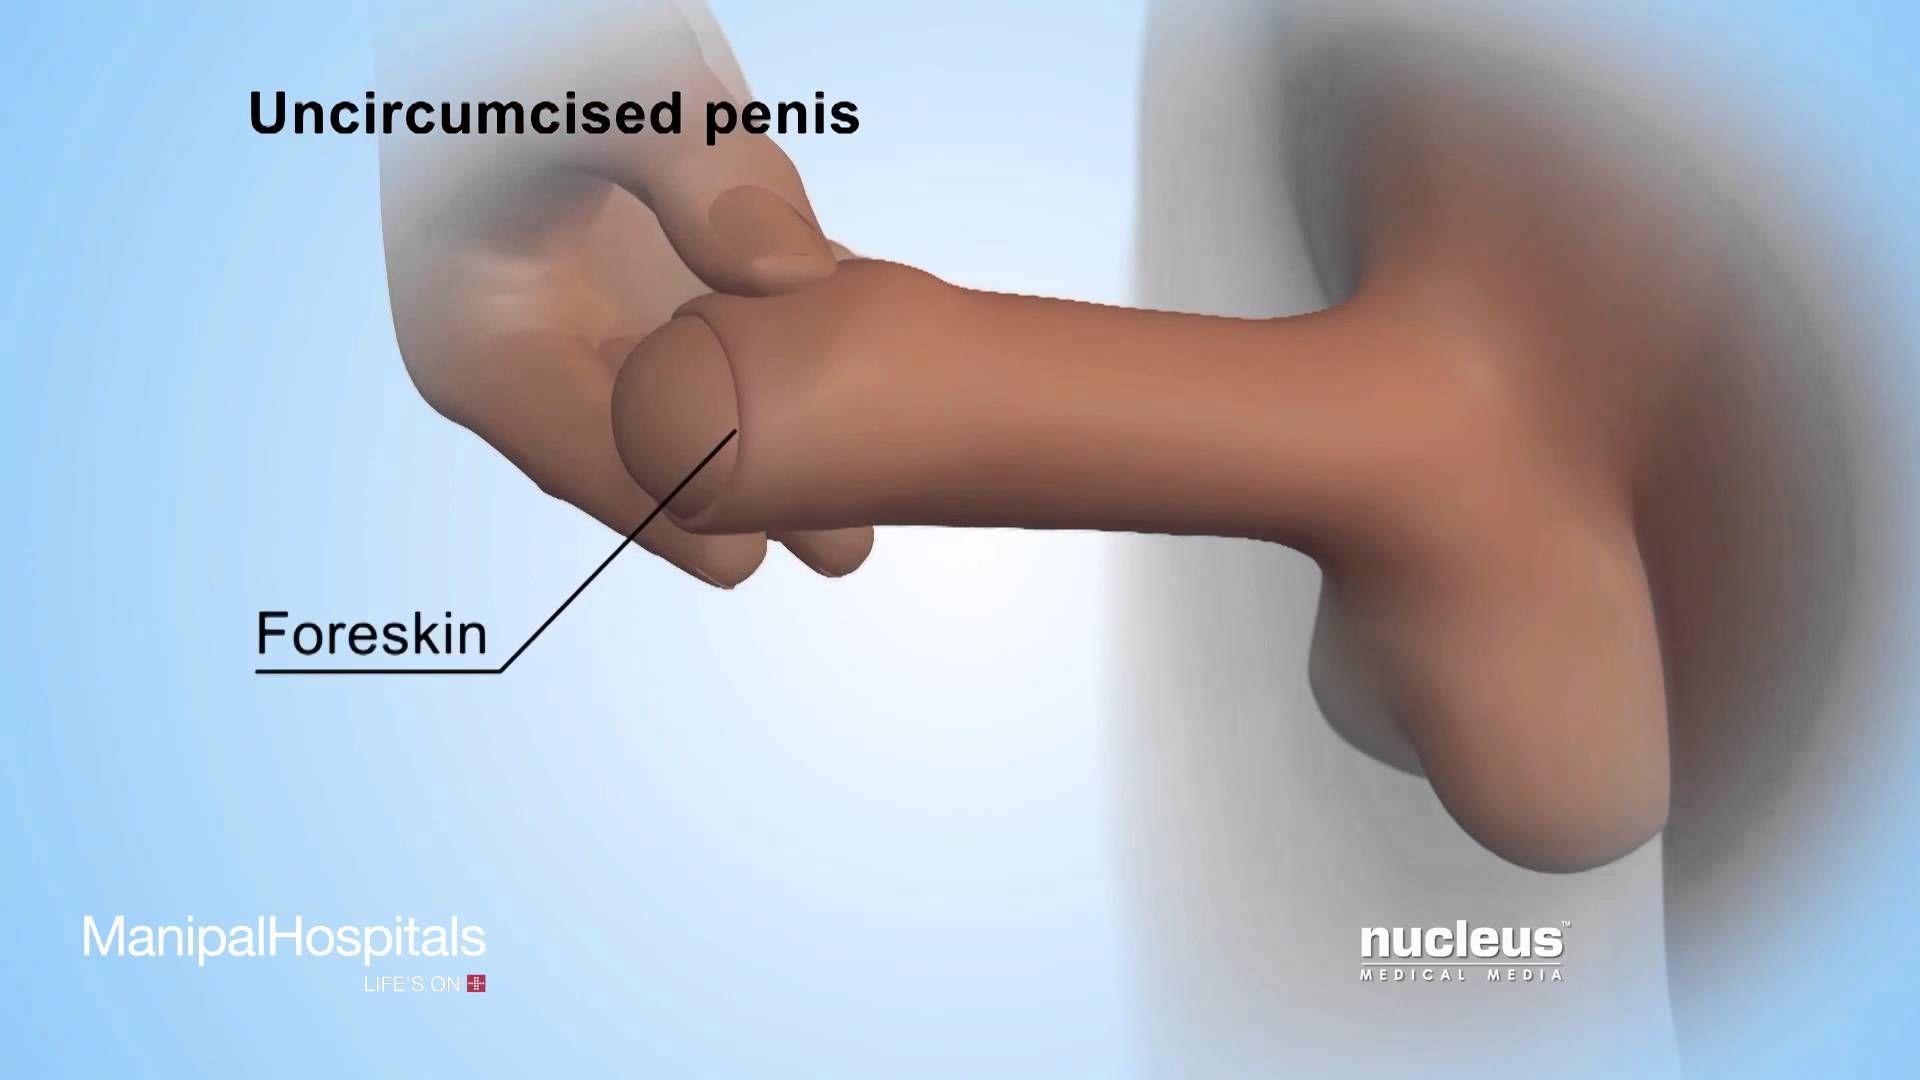 from Rodney gay men in condoms videos